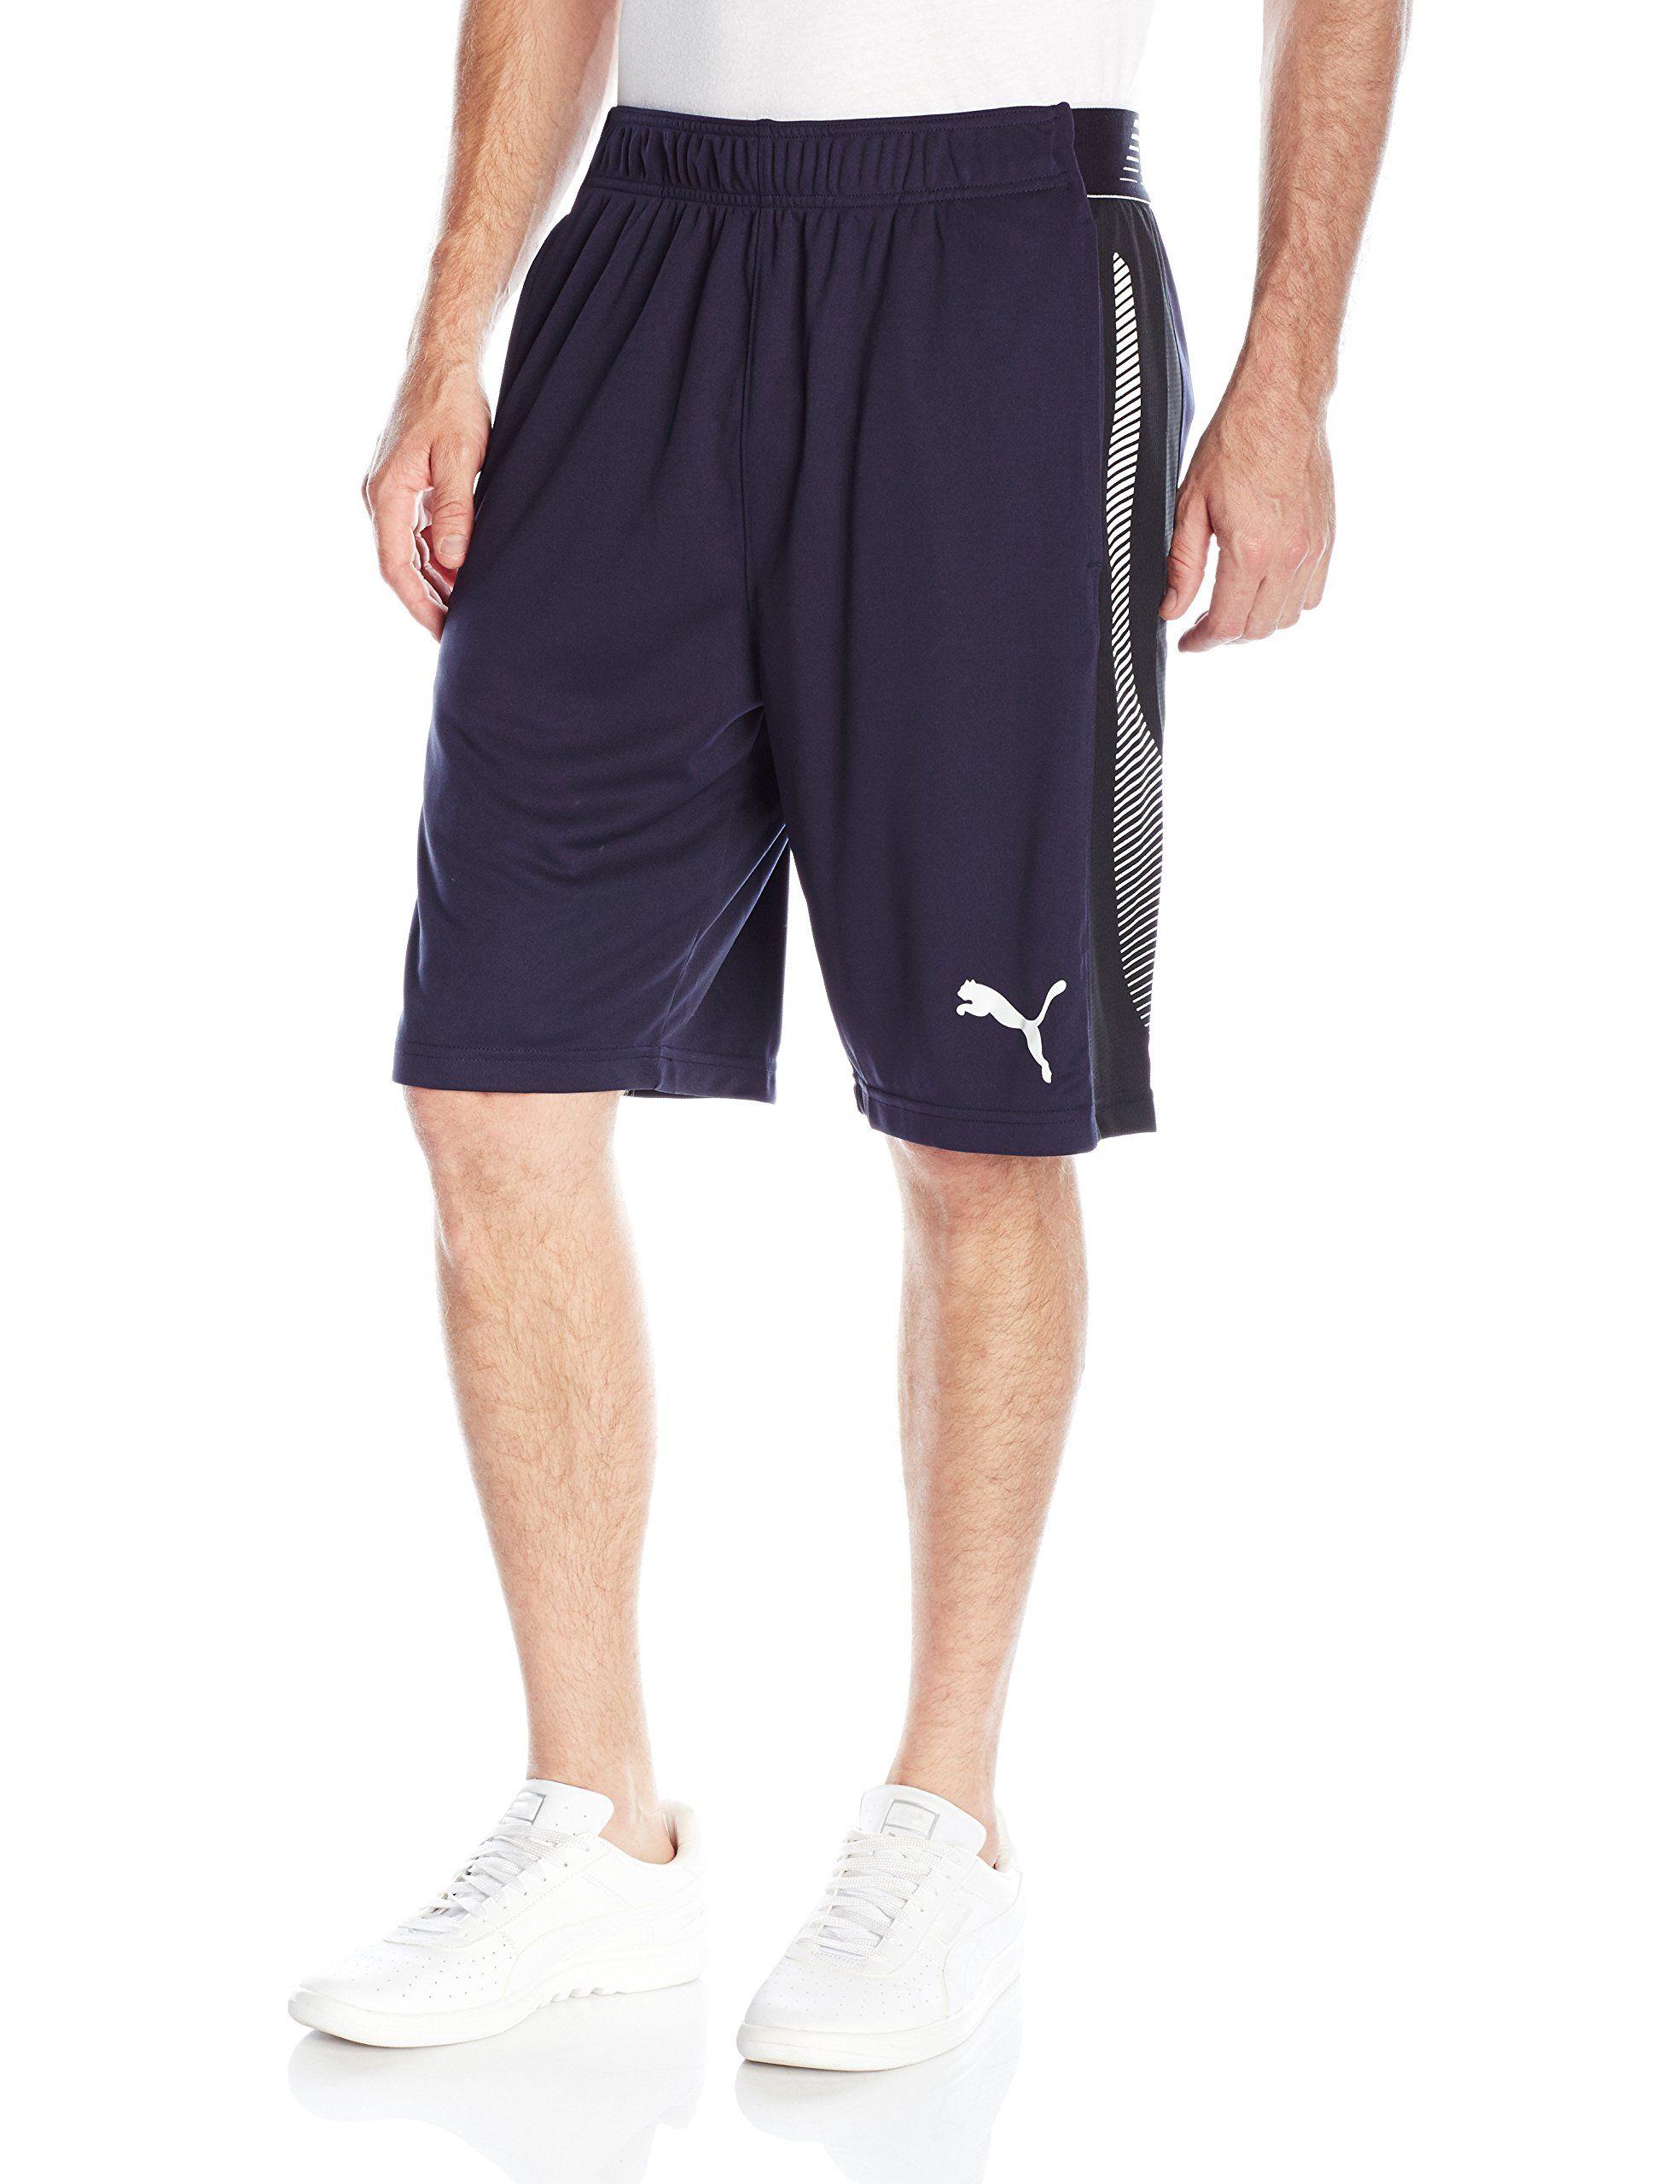 PUMA Men's Tilted Formstripe Short, New Navy/Black/White, Medium. Branded